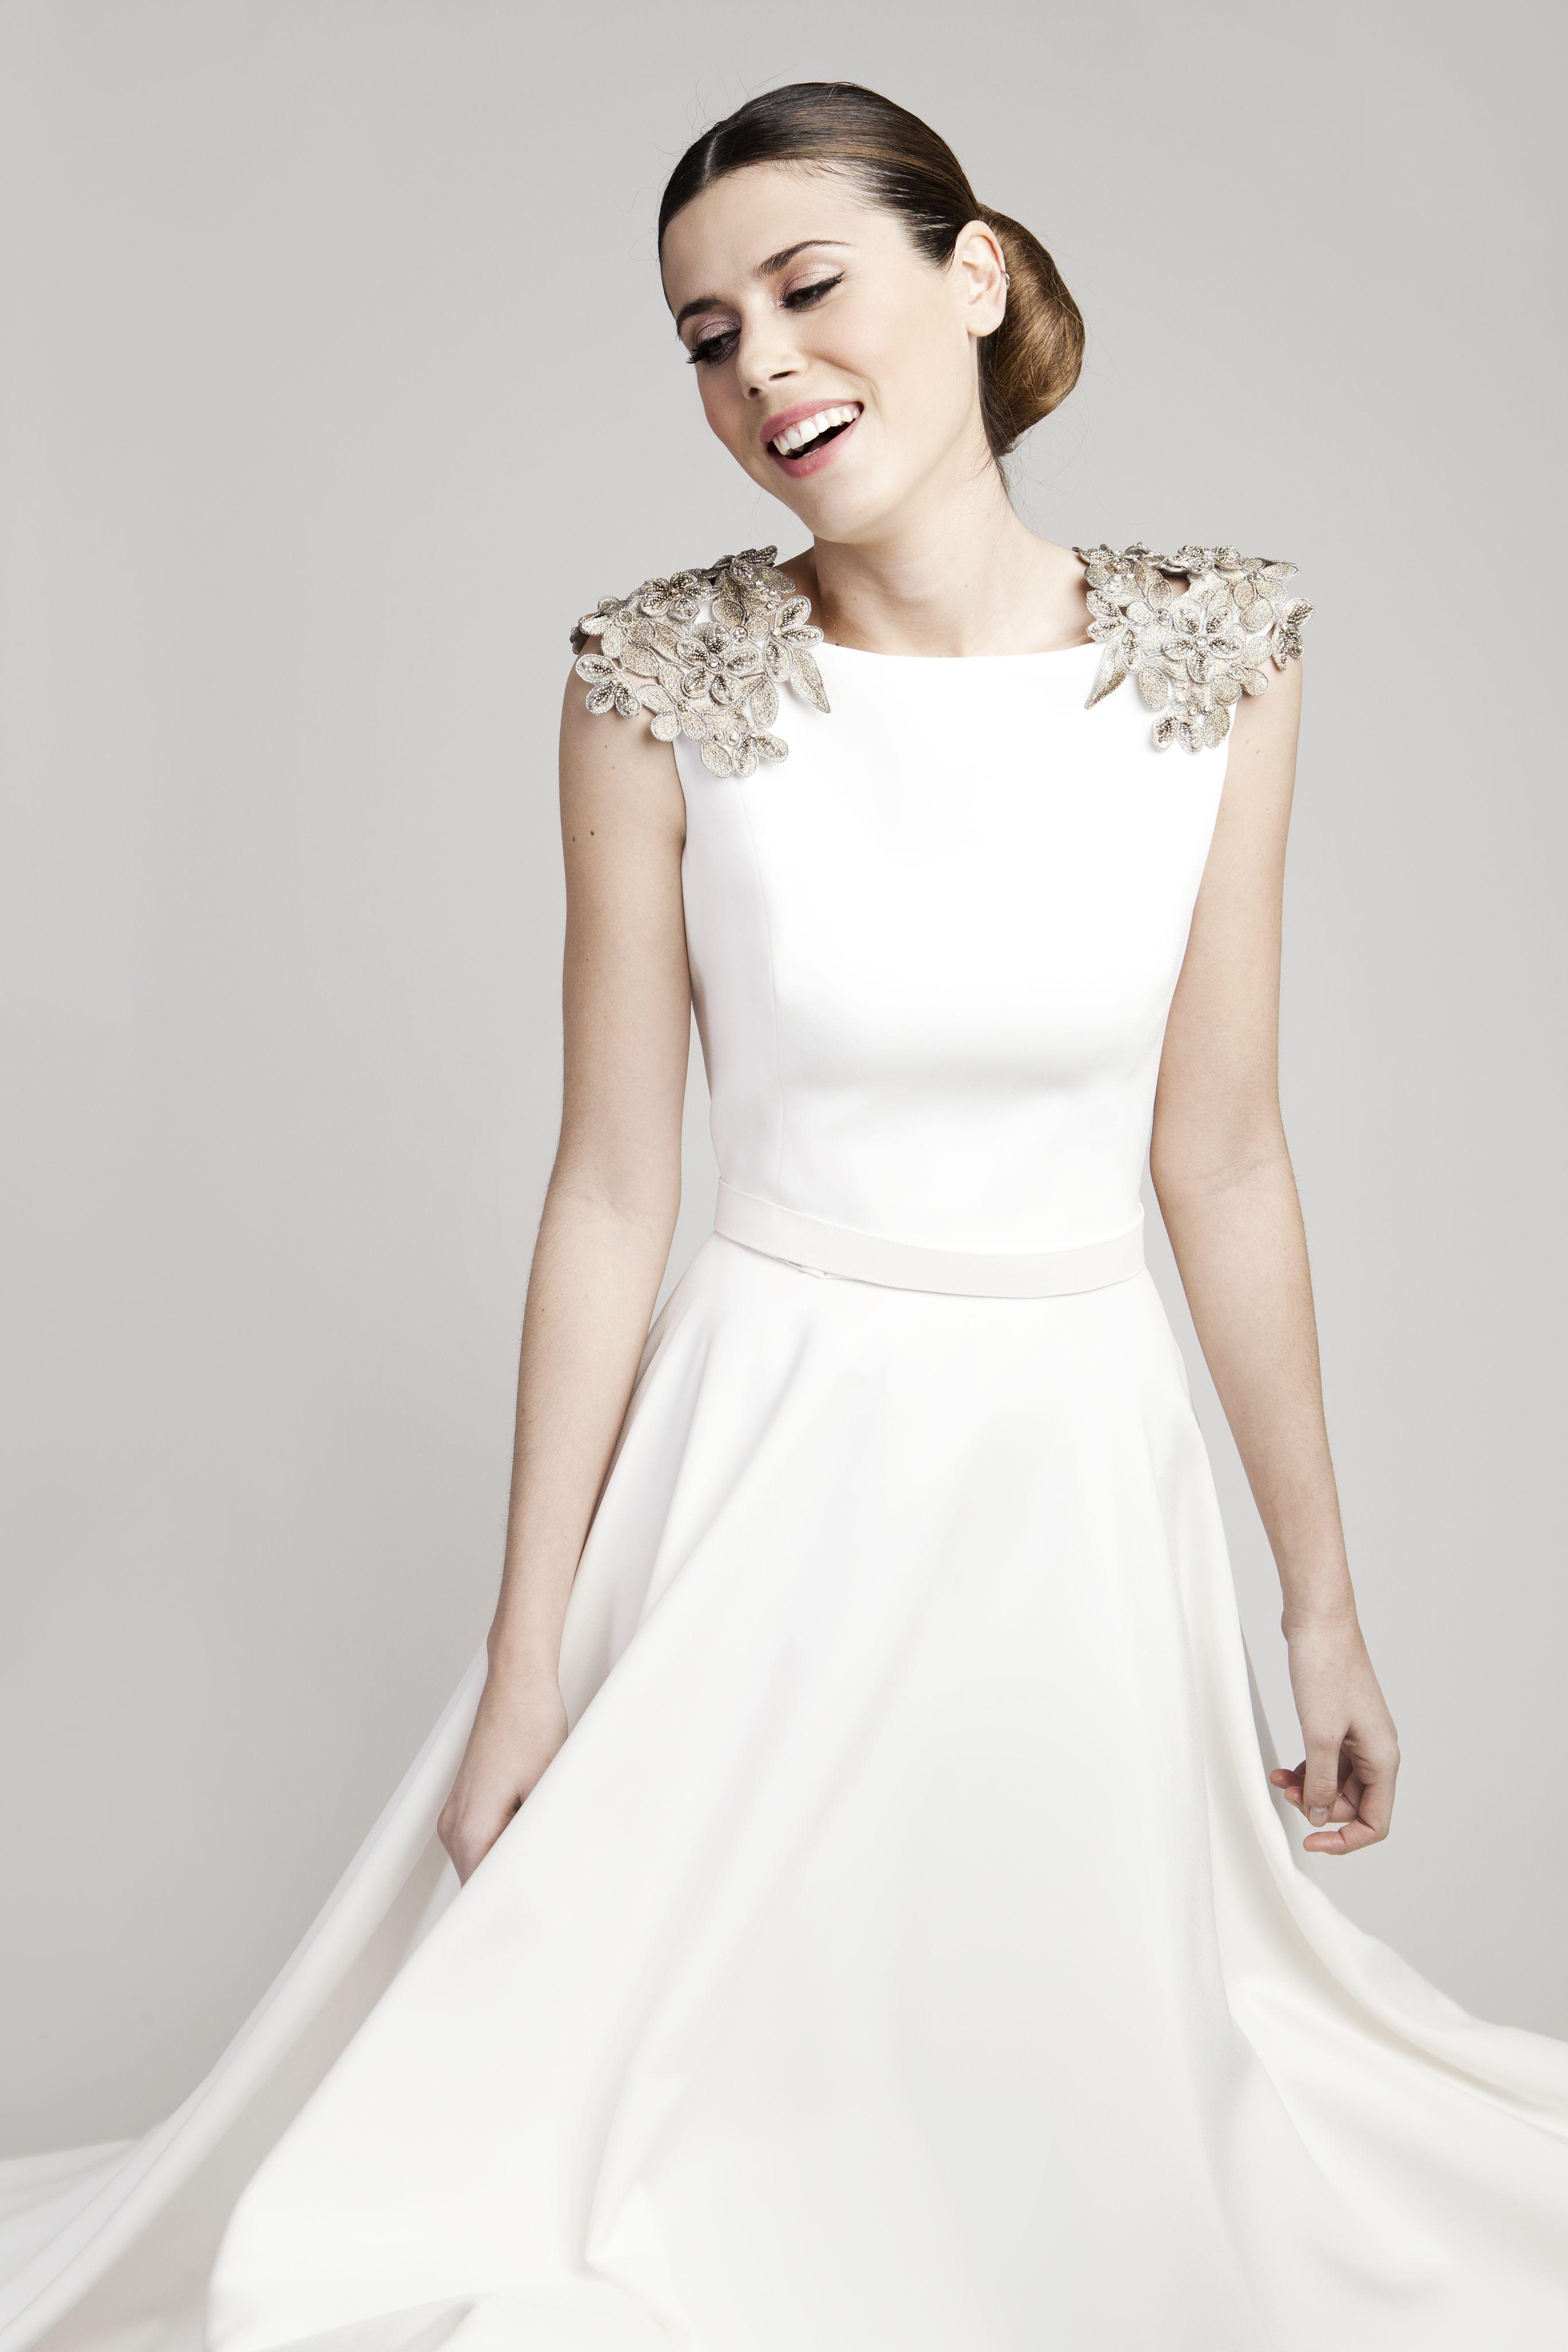 Hombreras-plata | bride | Pinterest | Hochzeitskleider